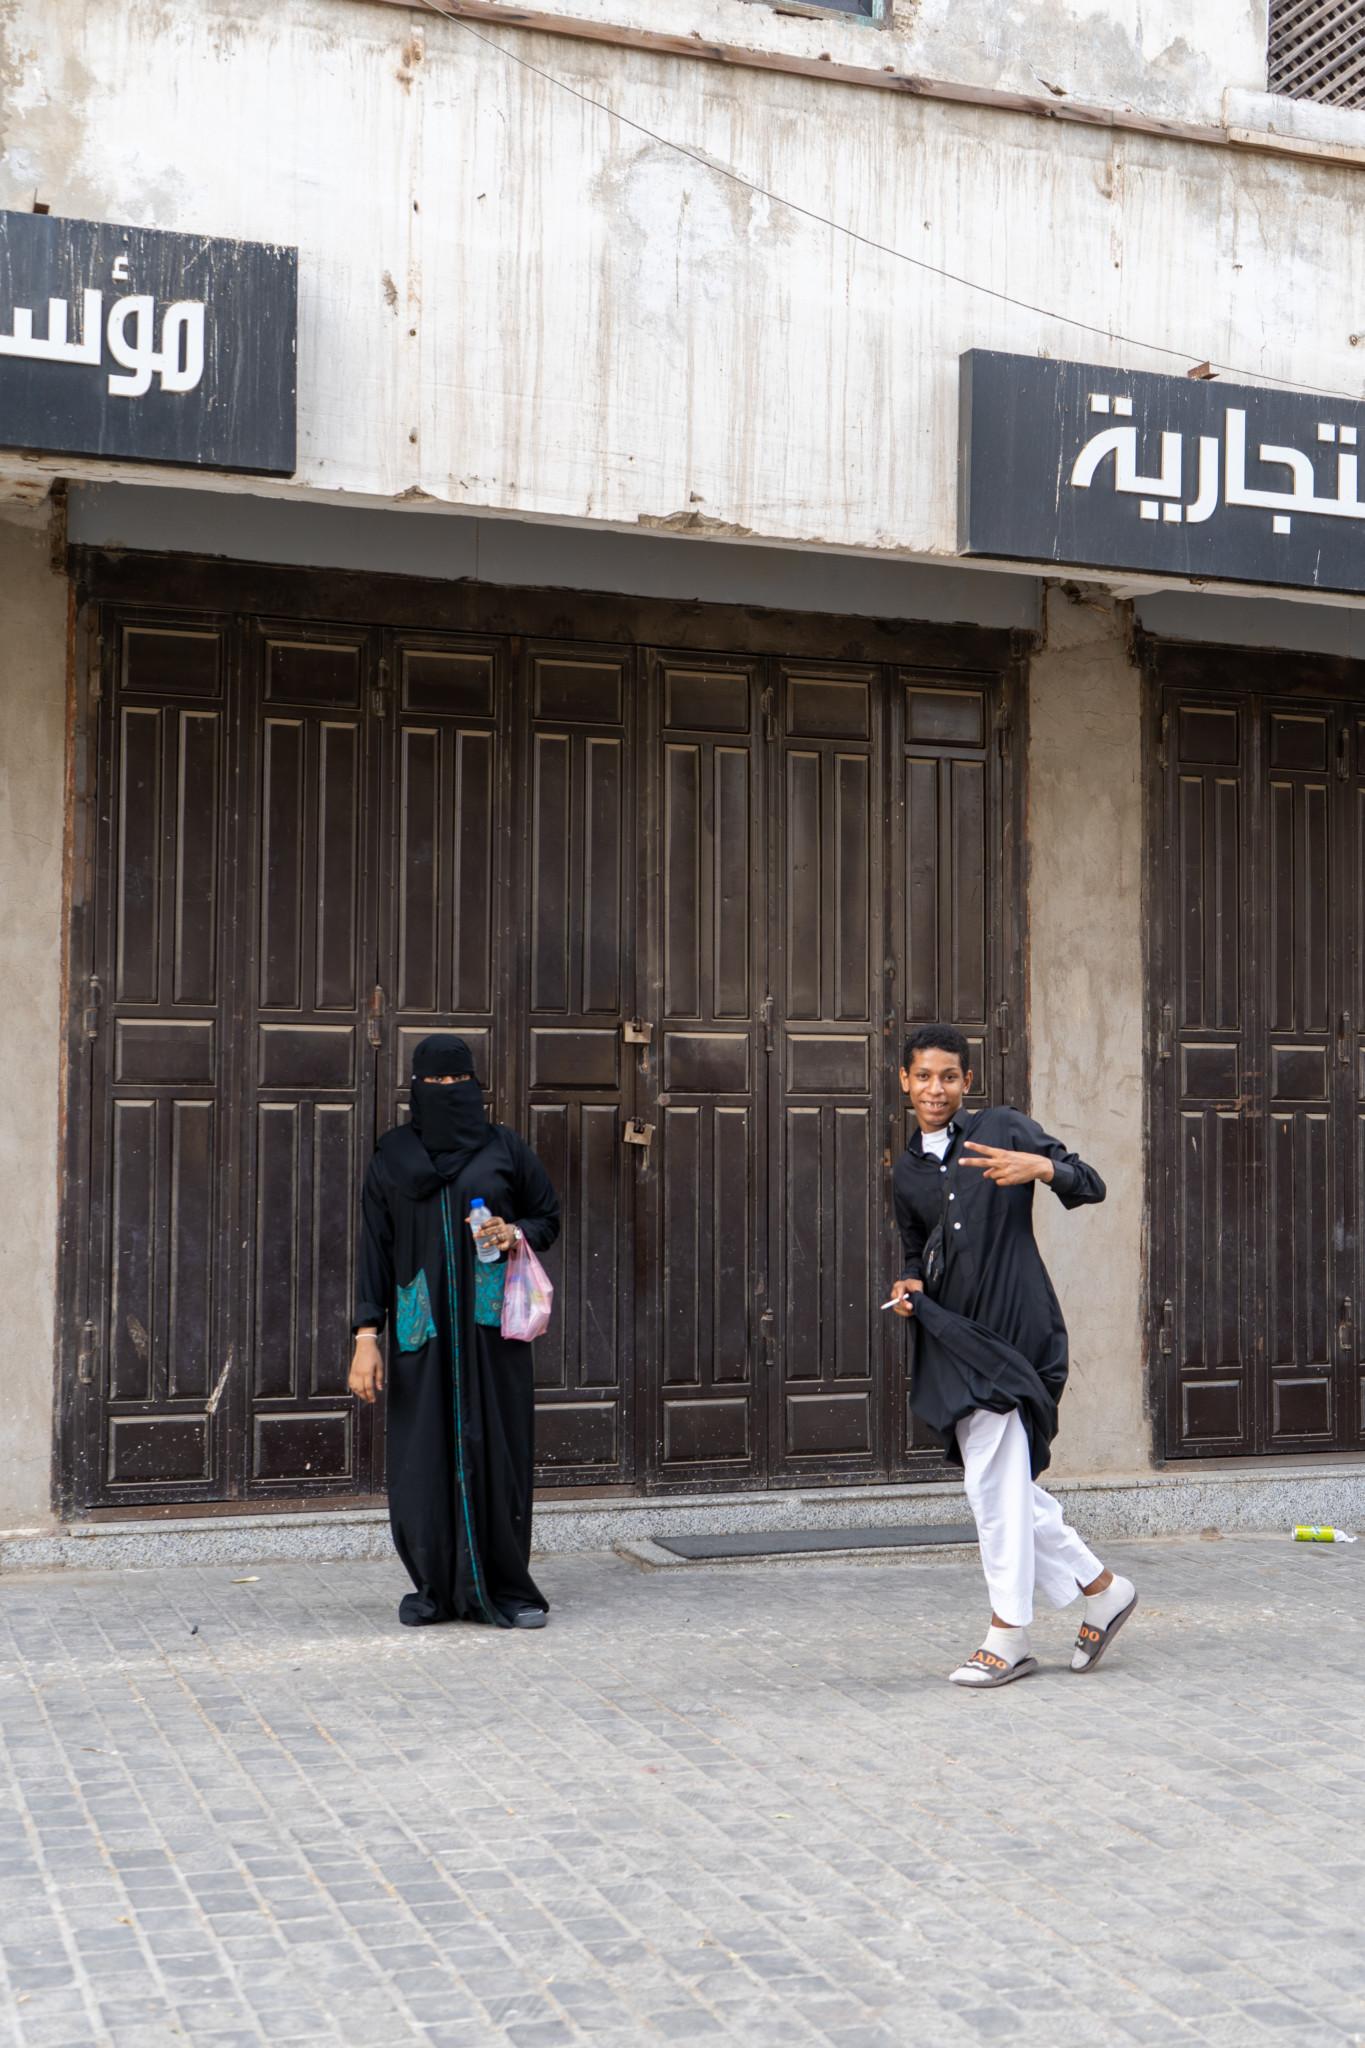 Menschen in Jeddah